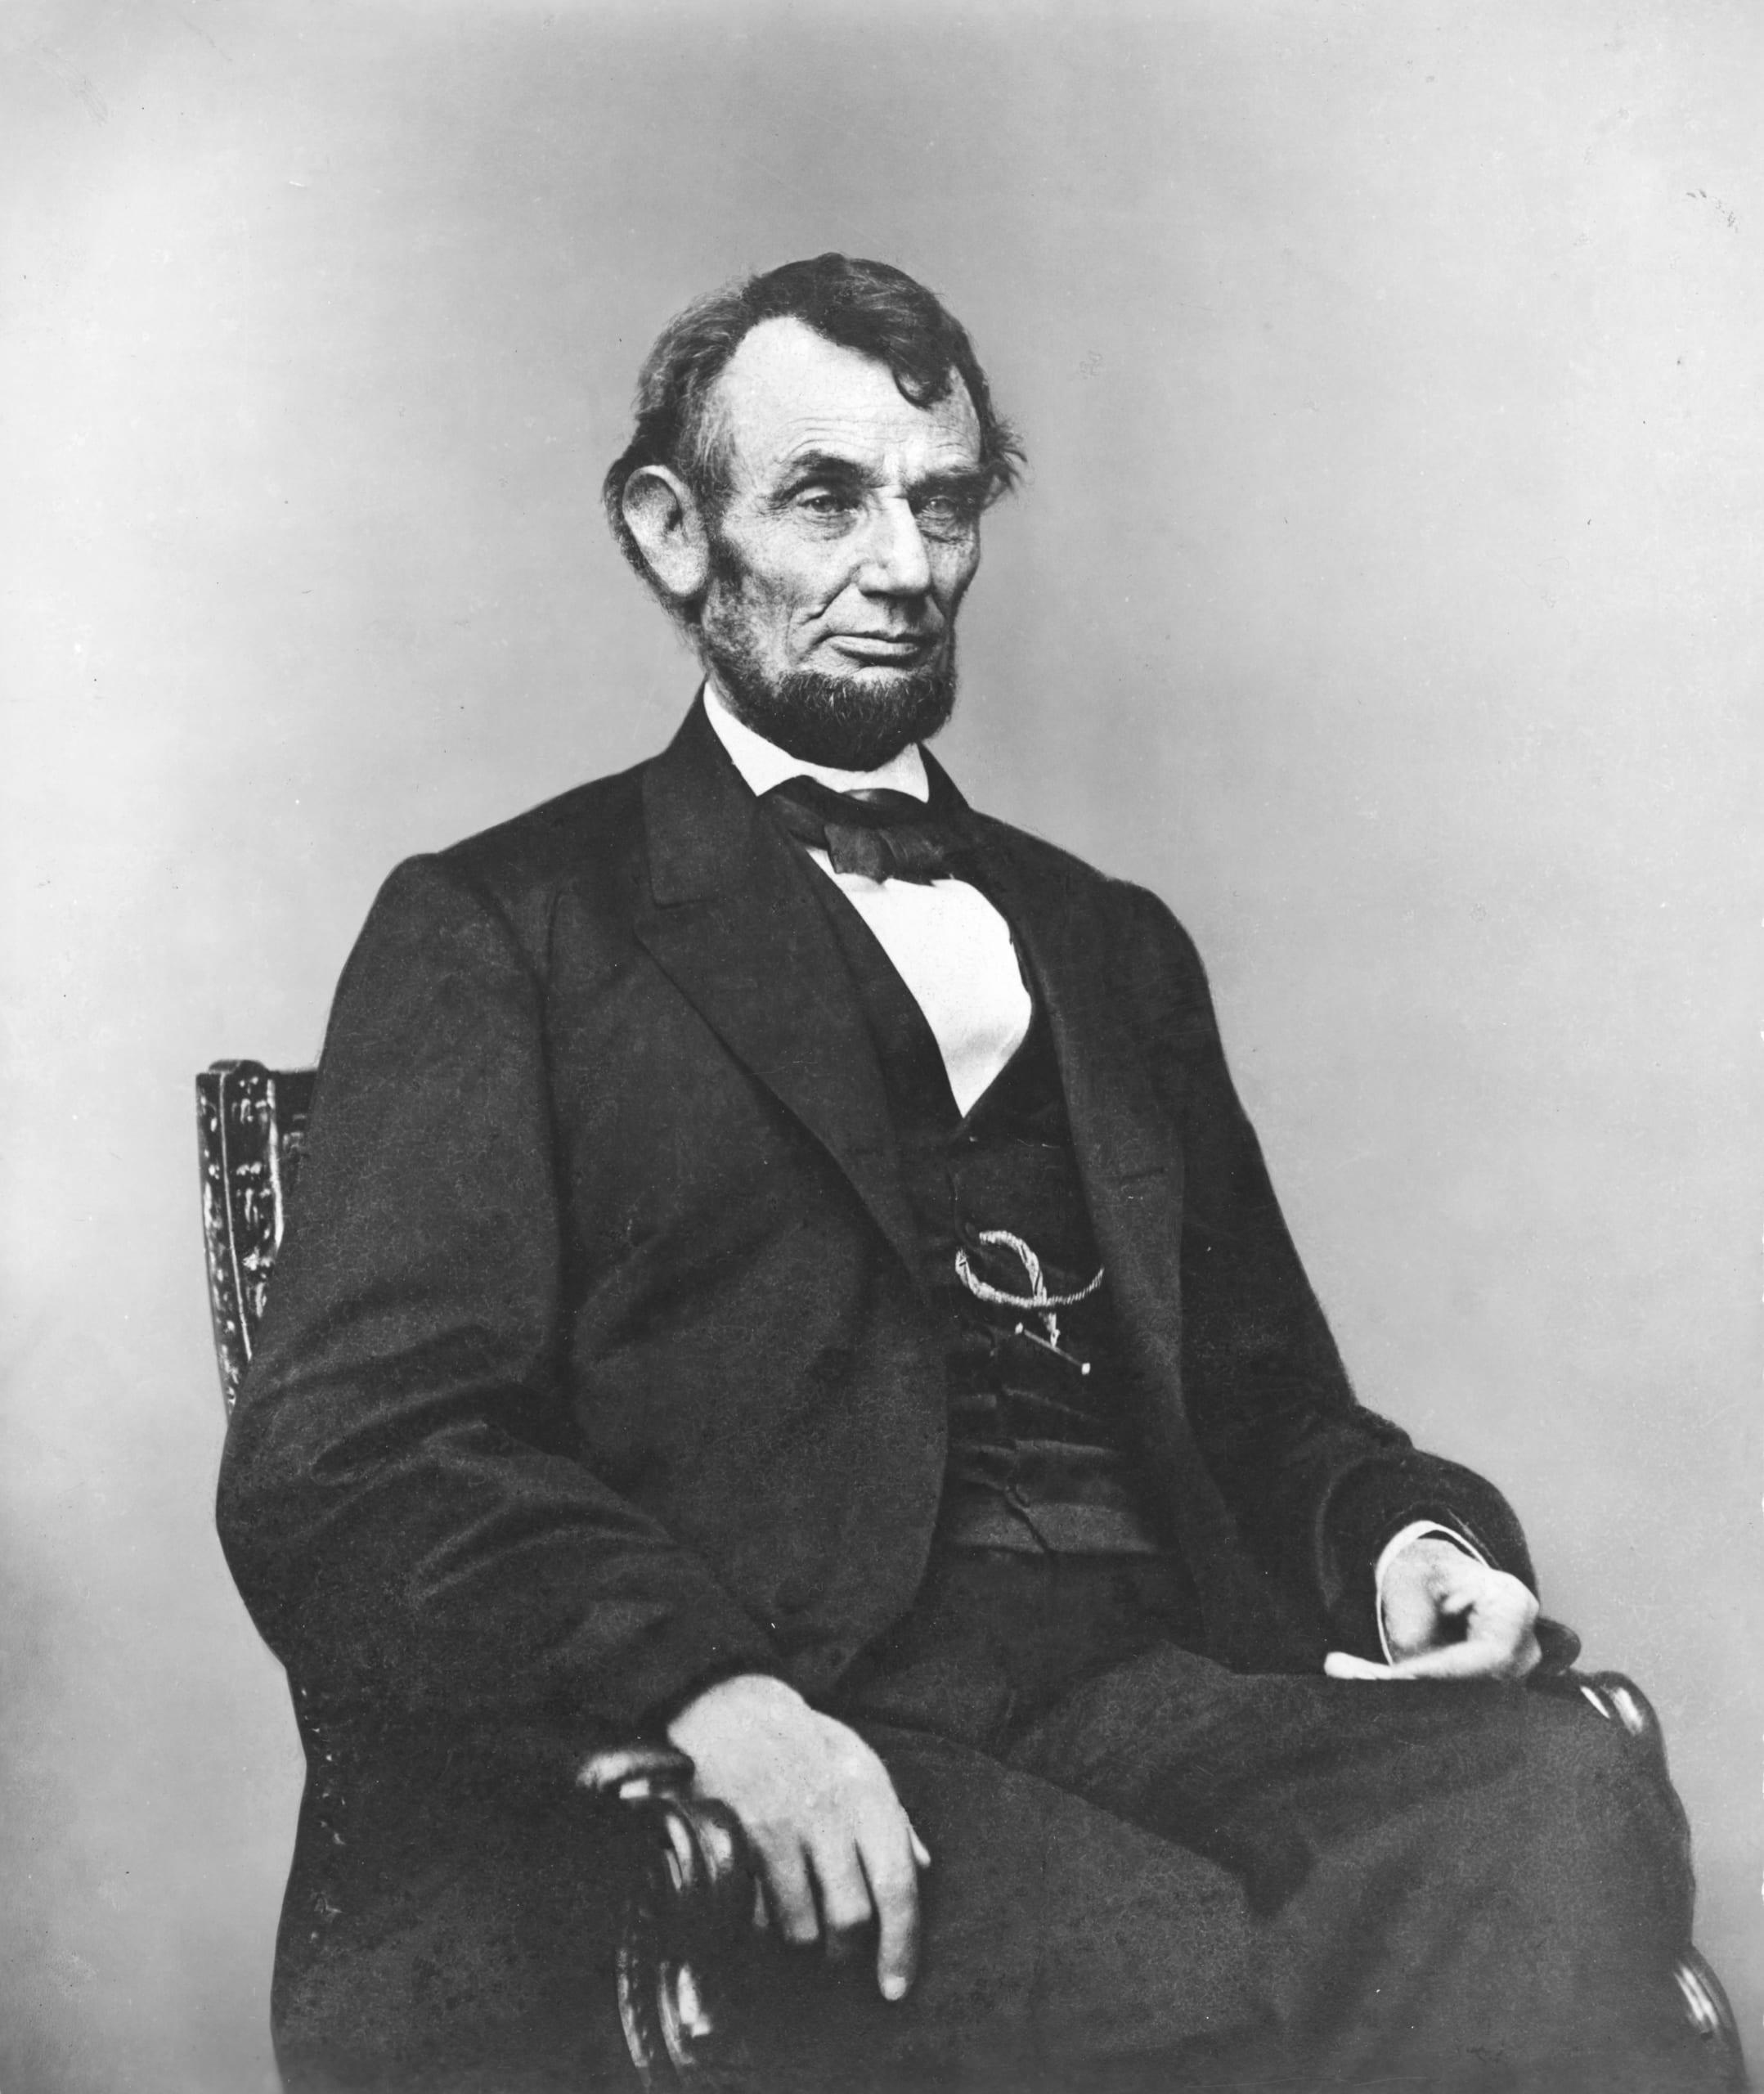 アメリカ大統領選挙とは一体、何なのか?①<br />「奴隷解放」という噓、北部の言い分は「黒人を追い出して、白人だけの国を作ろう」だった!